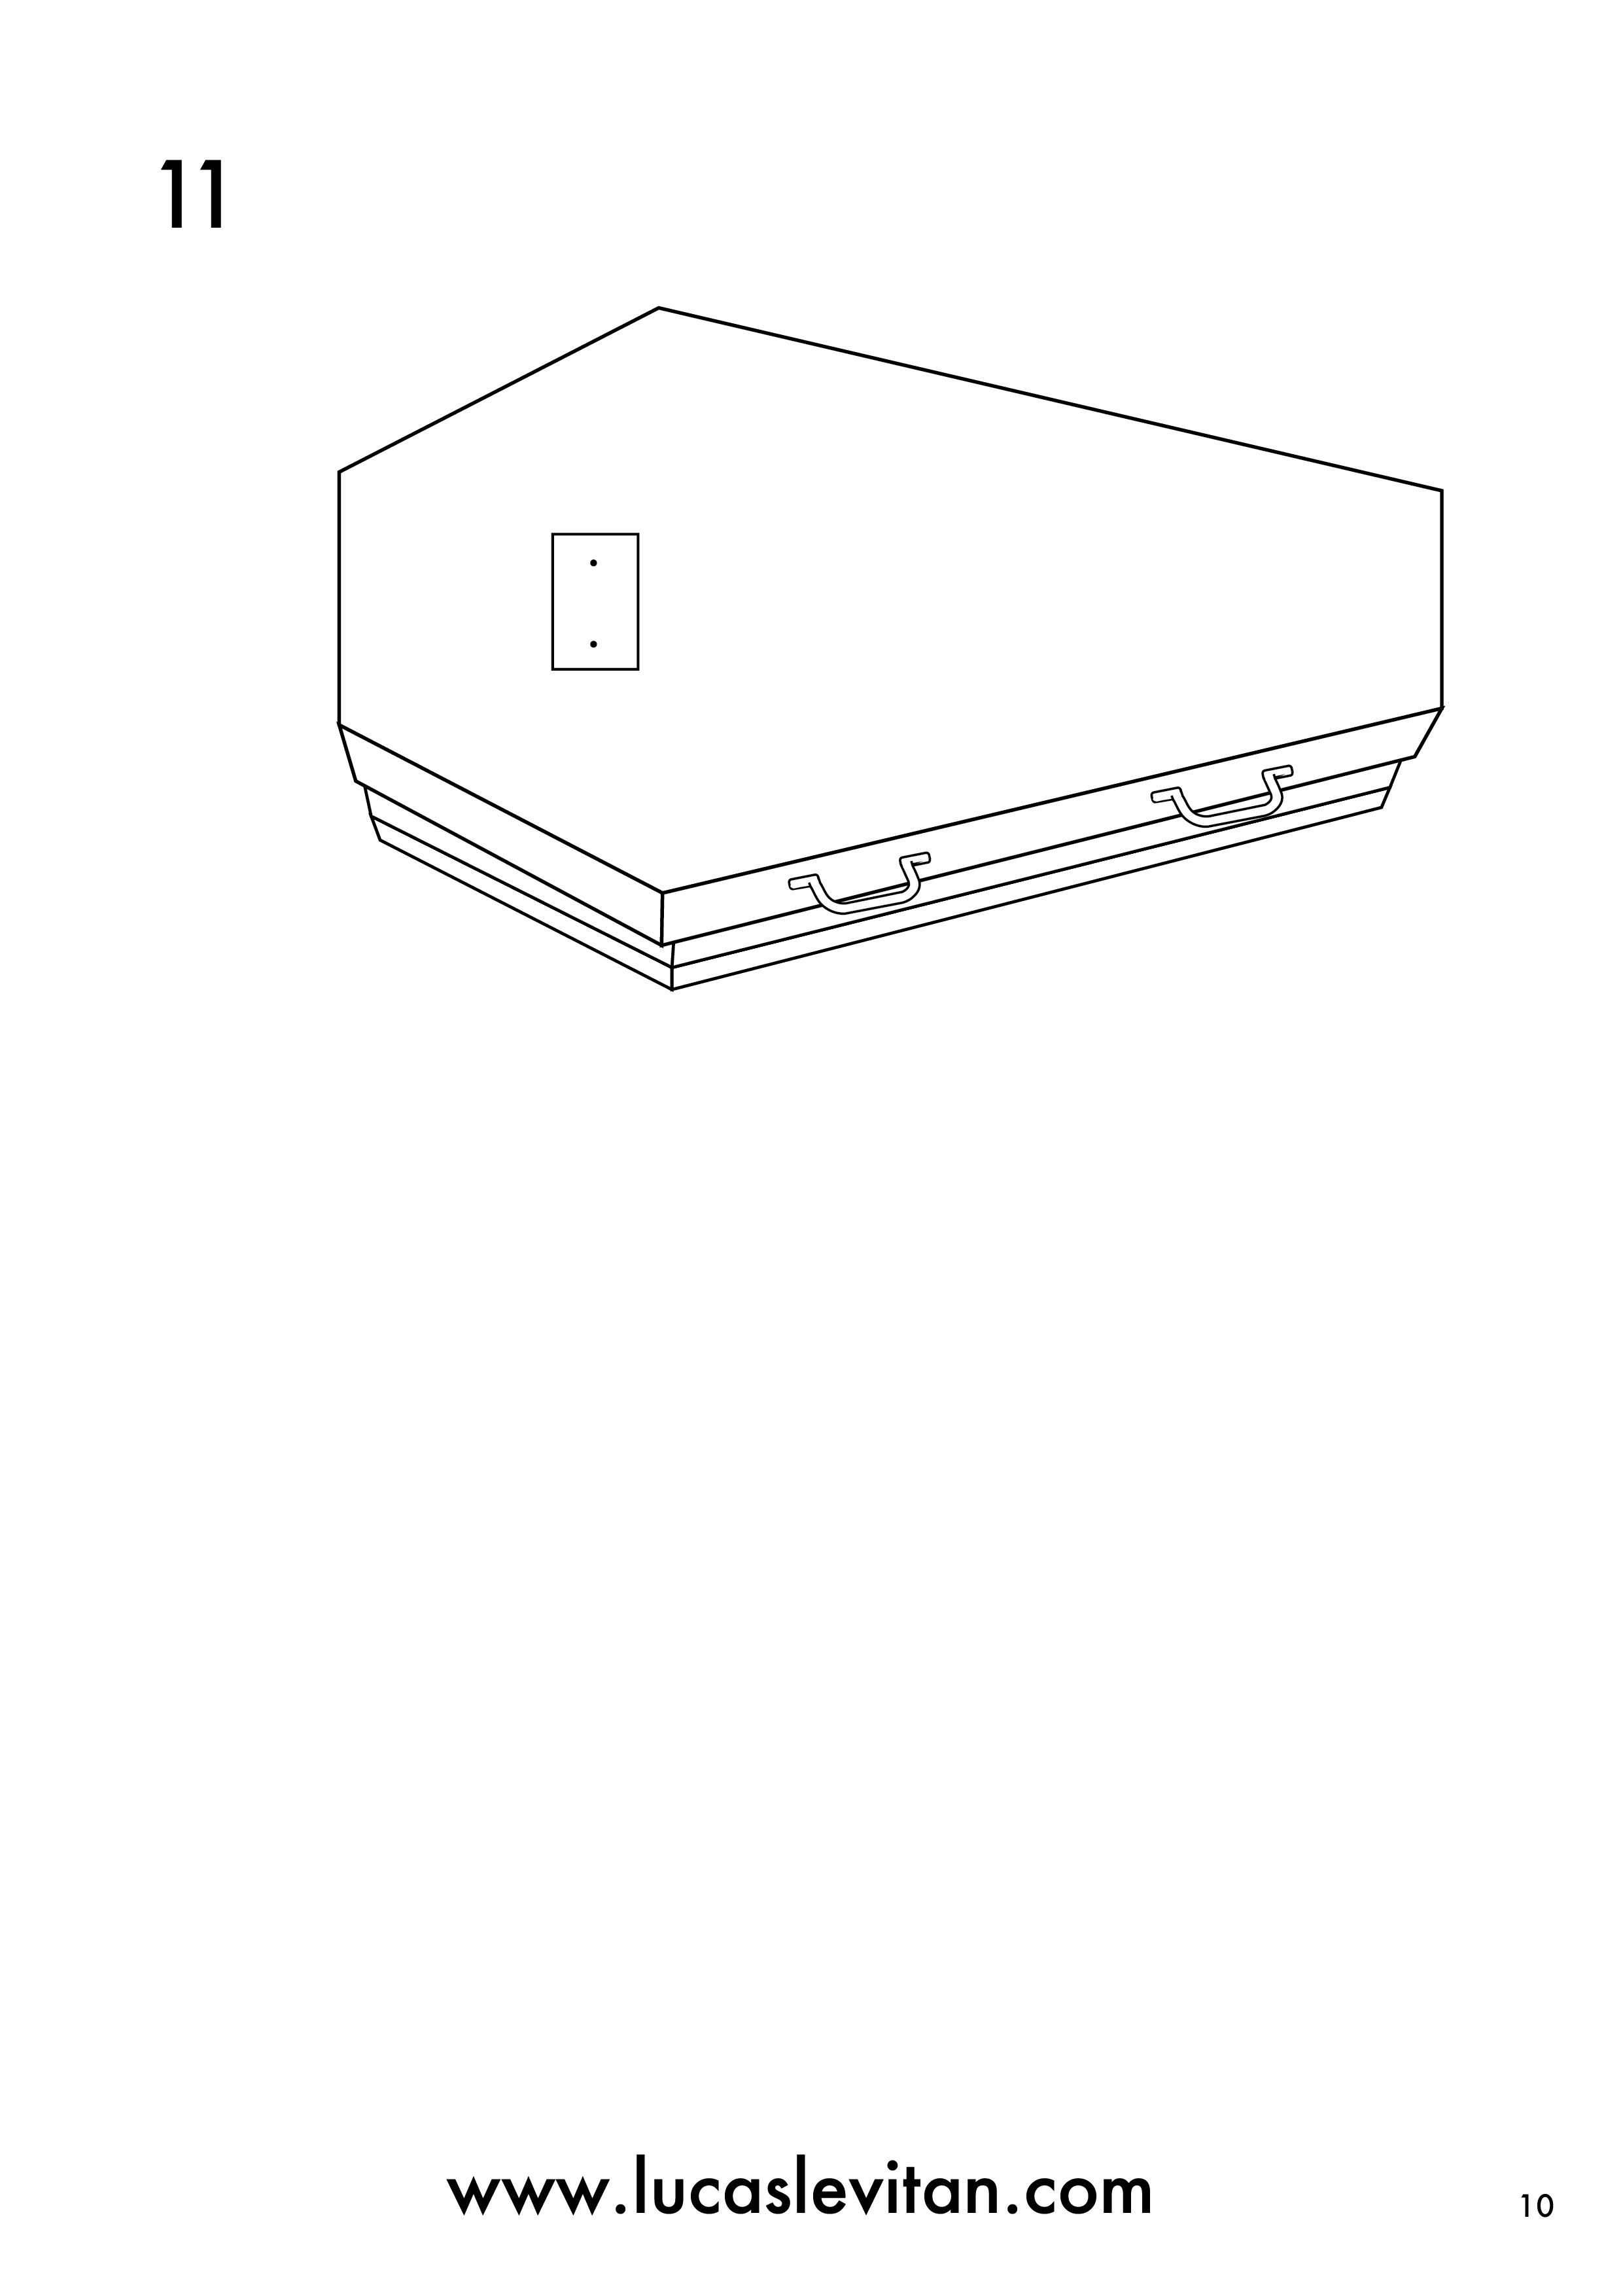 IKEA CATALOGUE 2cs2V2-04.jpg